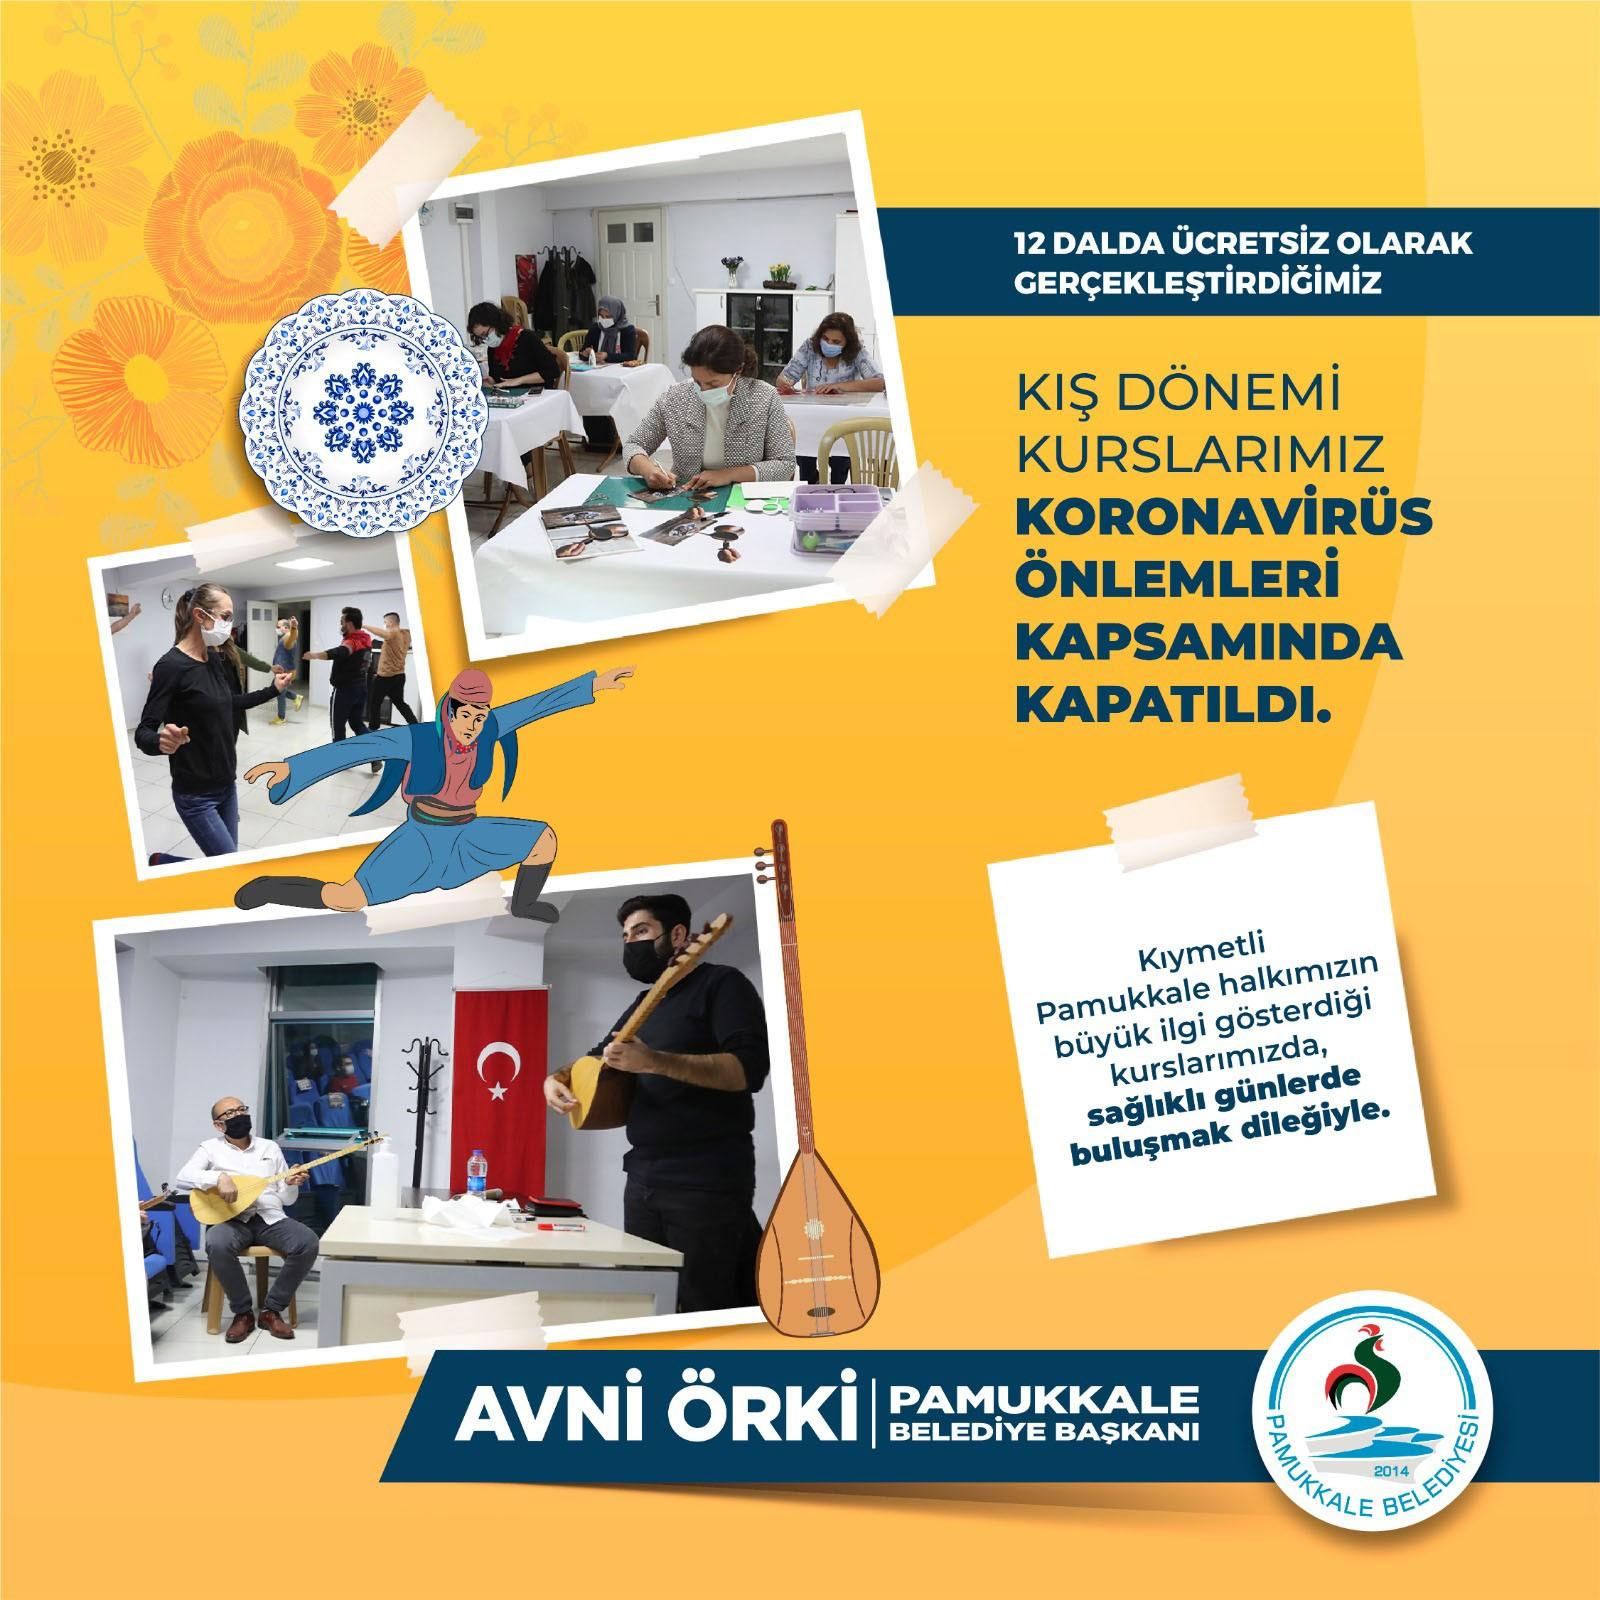 Tedbirler kapsamında Pamukkale Belediyesi kurslara ara verdi